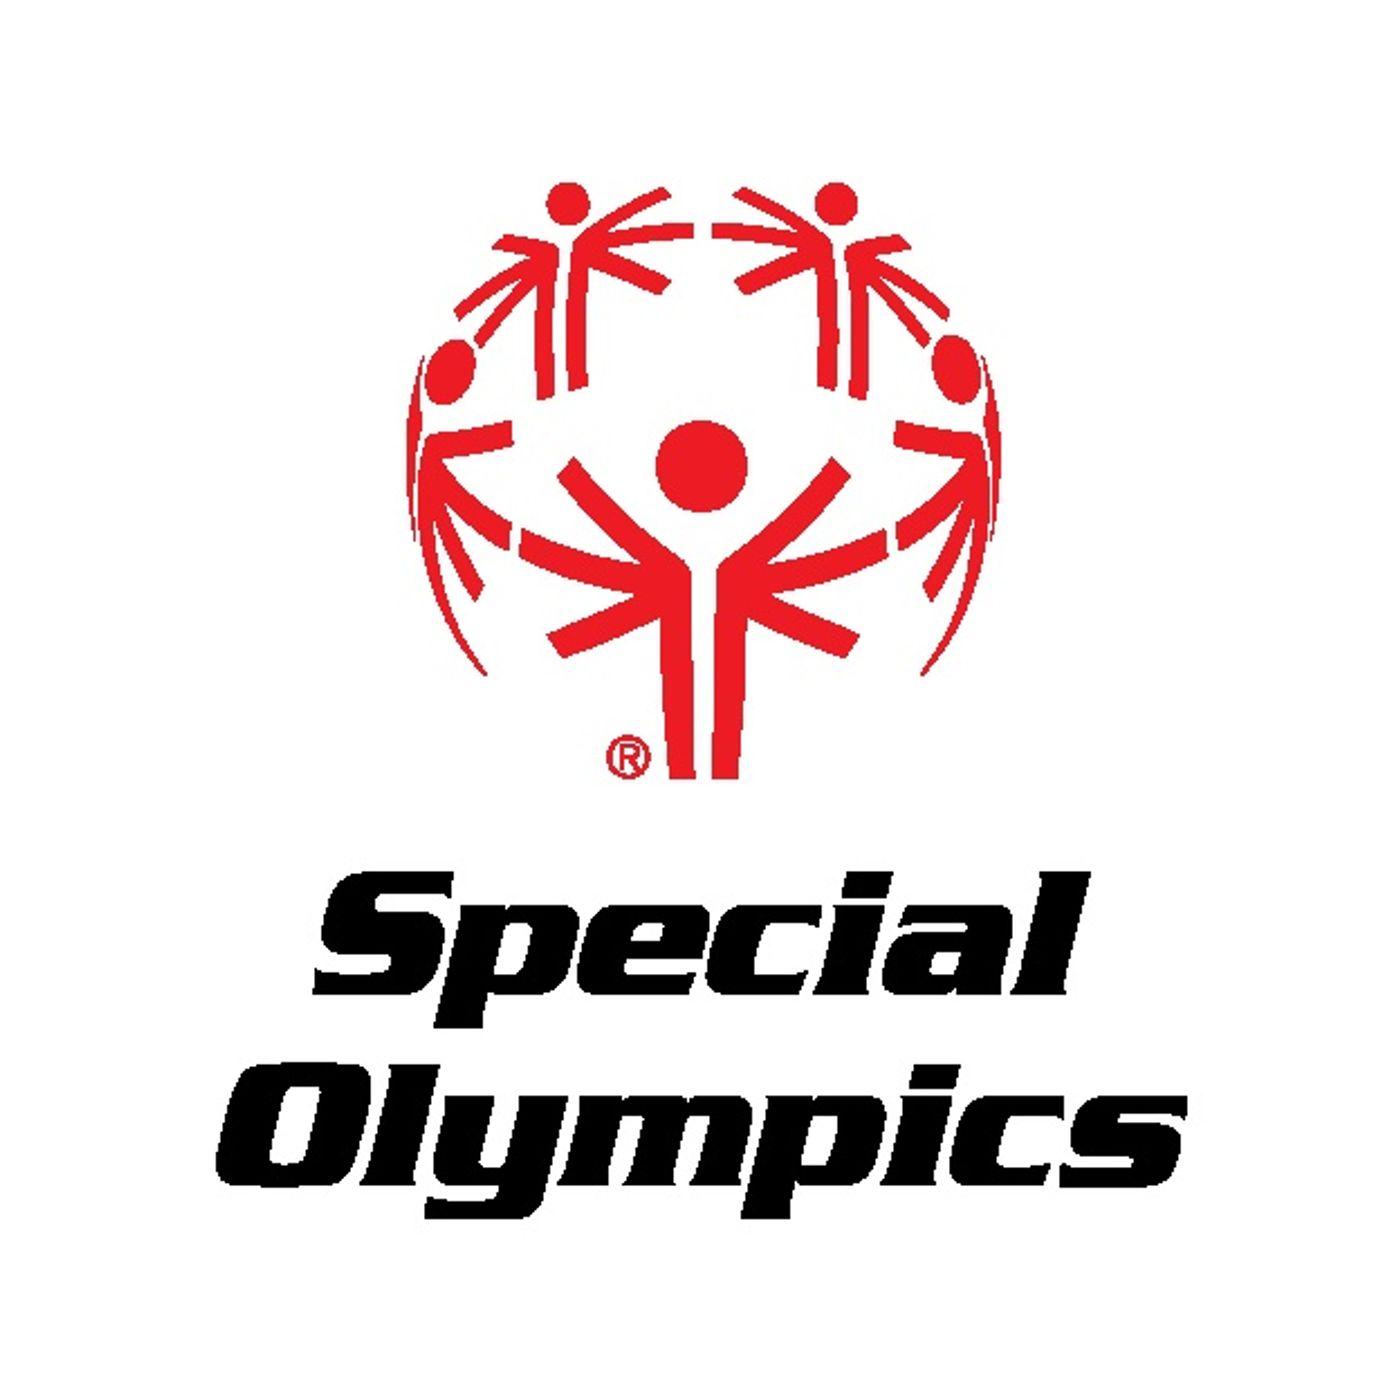 Special Olympics-Jeremy Mincey